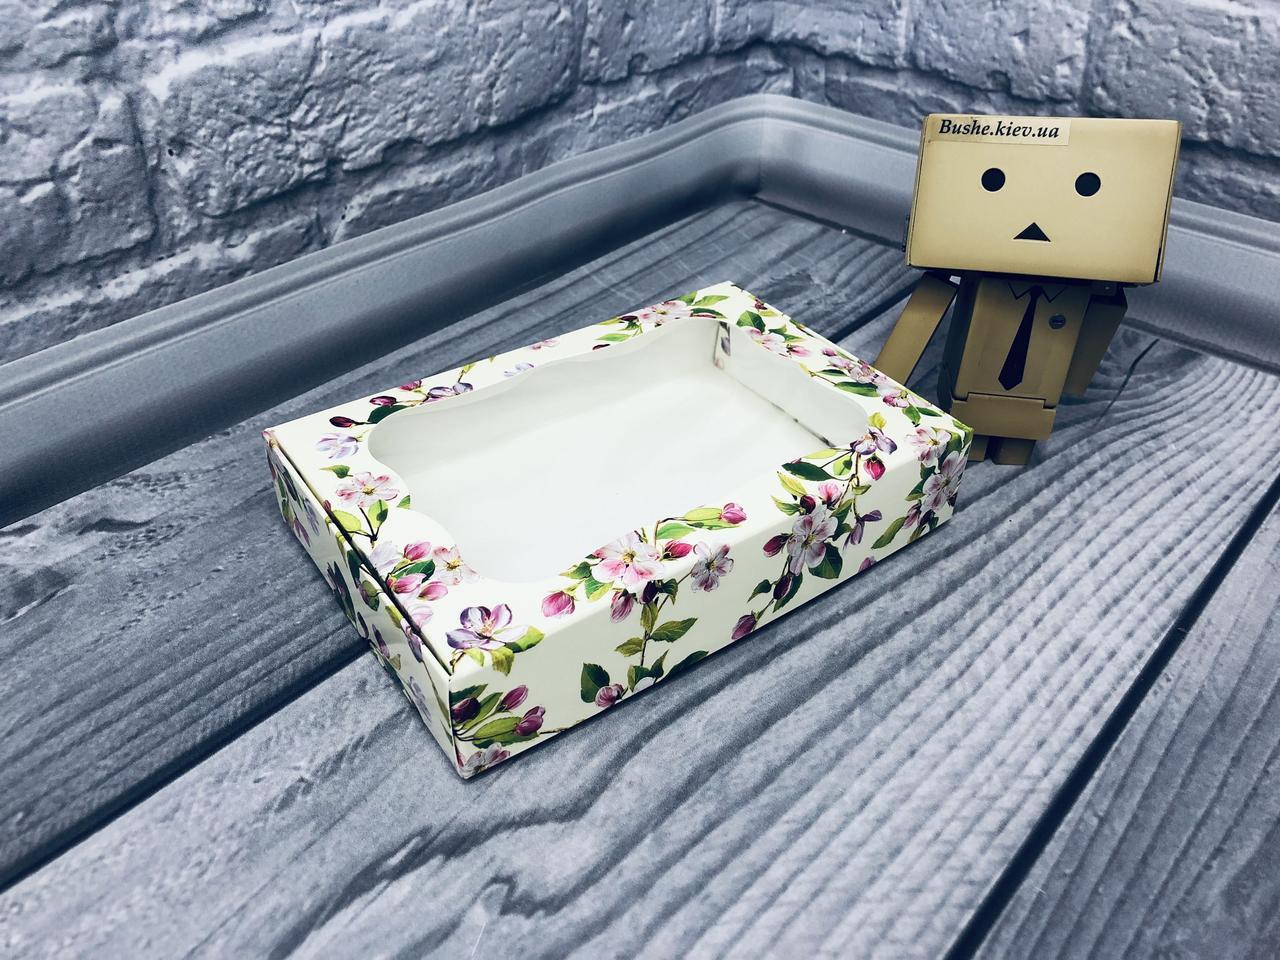 *10 шт* / Коробка для пряников / 100х150х30 мм / печать-Весна / окно-обычн / лк / цв